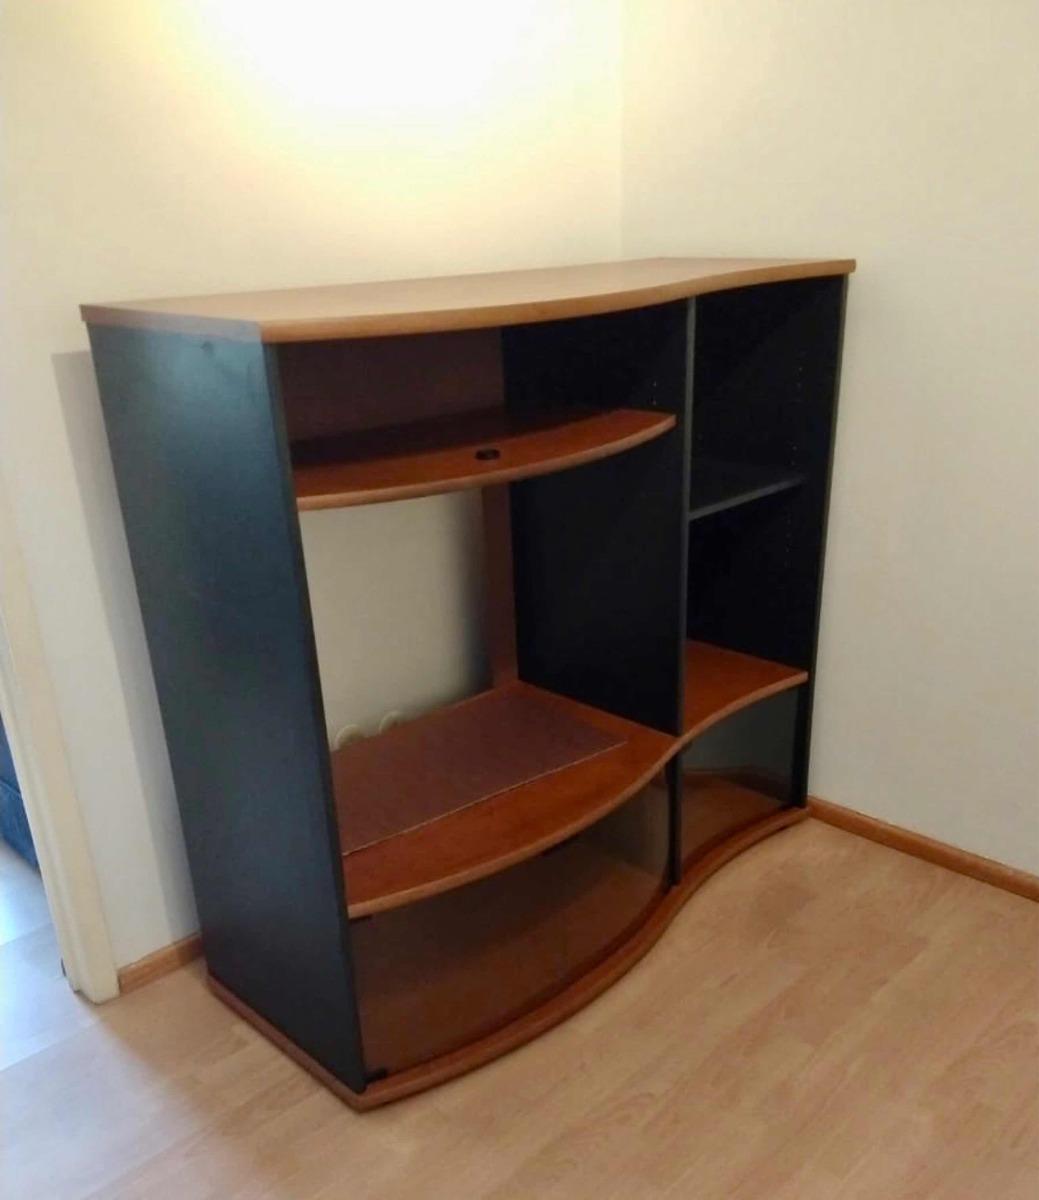 Mueble Tv Librero Centro Entretenimiento Oferta Barato Remat